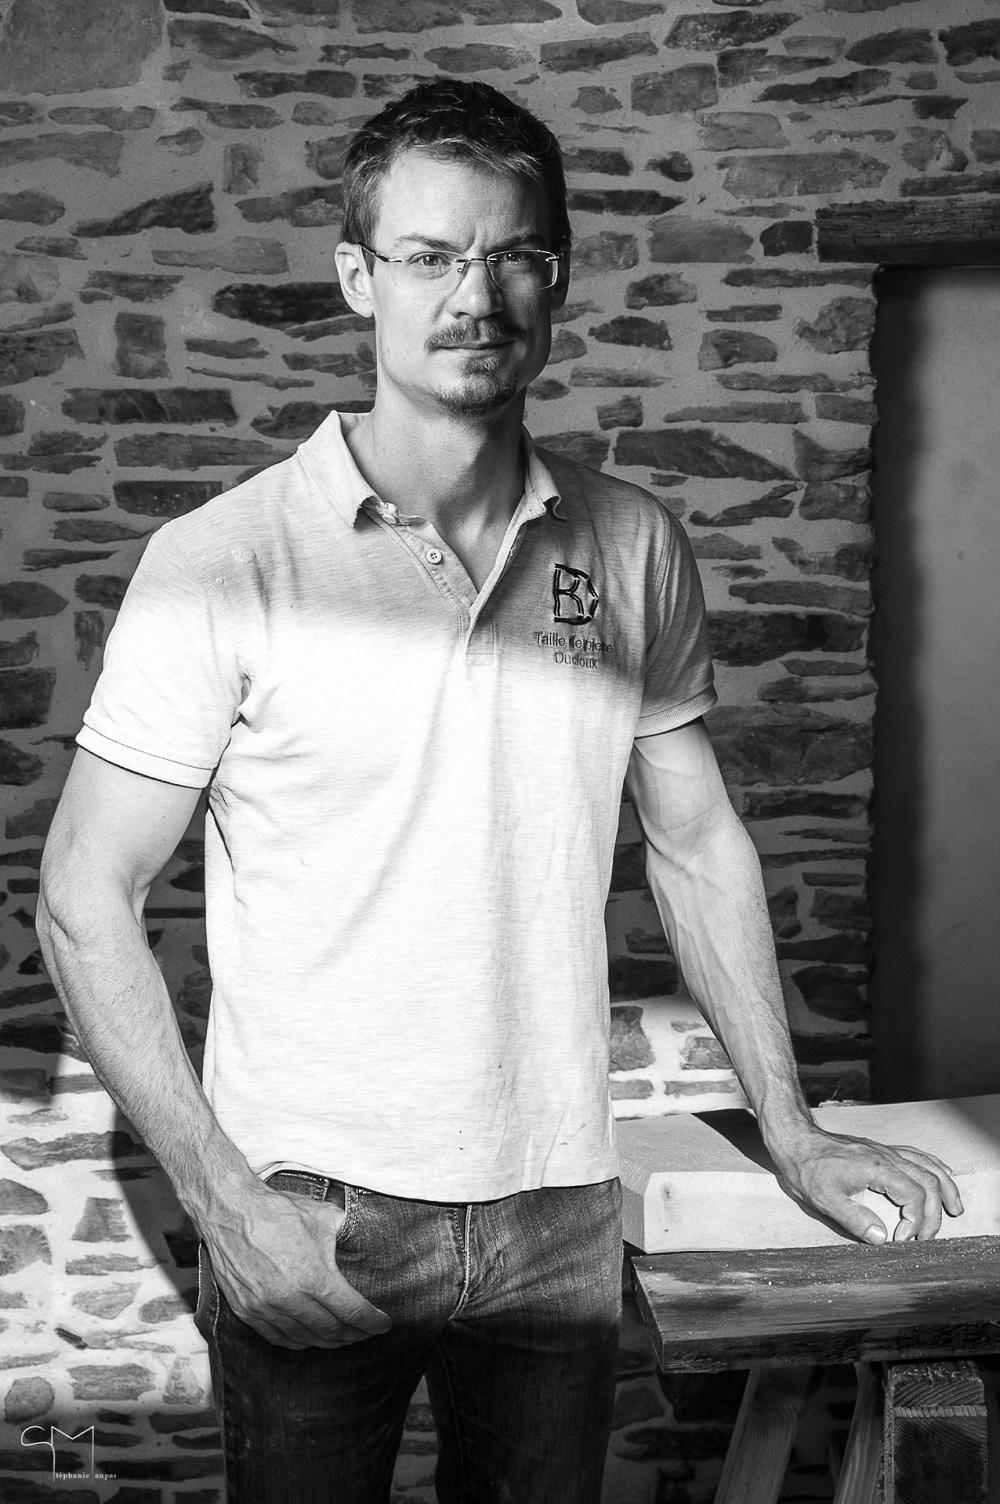 Mr Ducloux Benoit ''gérant de l'entreprise''